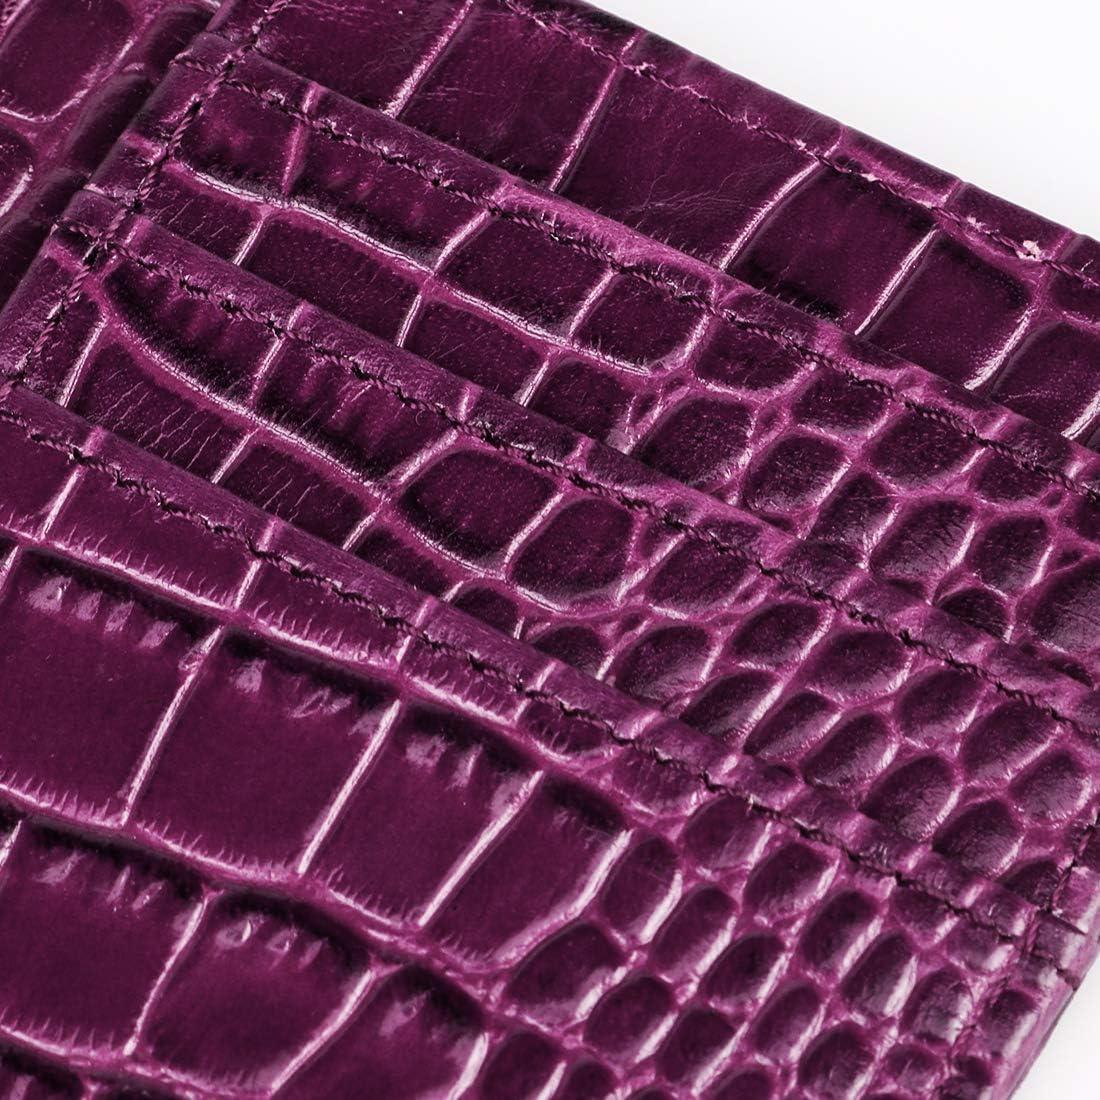 Pocket Front Holder Card Credit Leather Blocking RFID Wallet ...